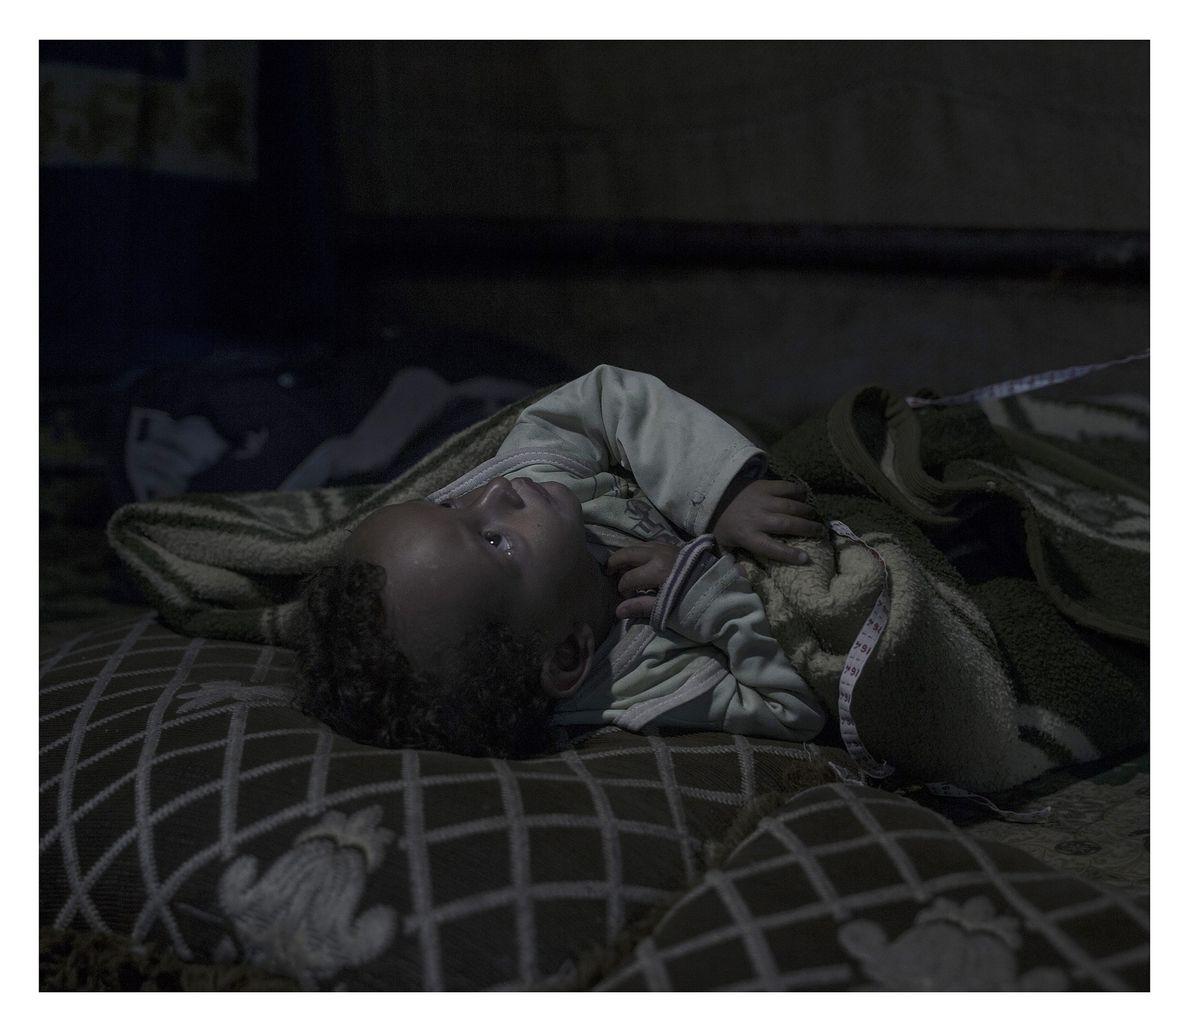 bebe refugiado dormindo em cama